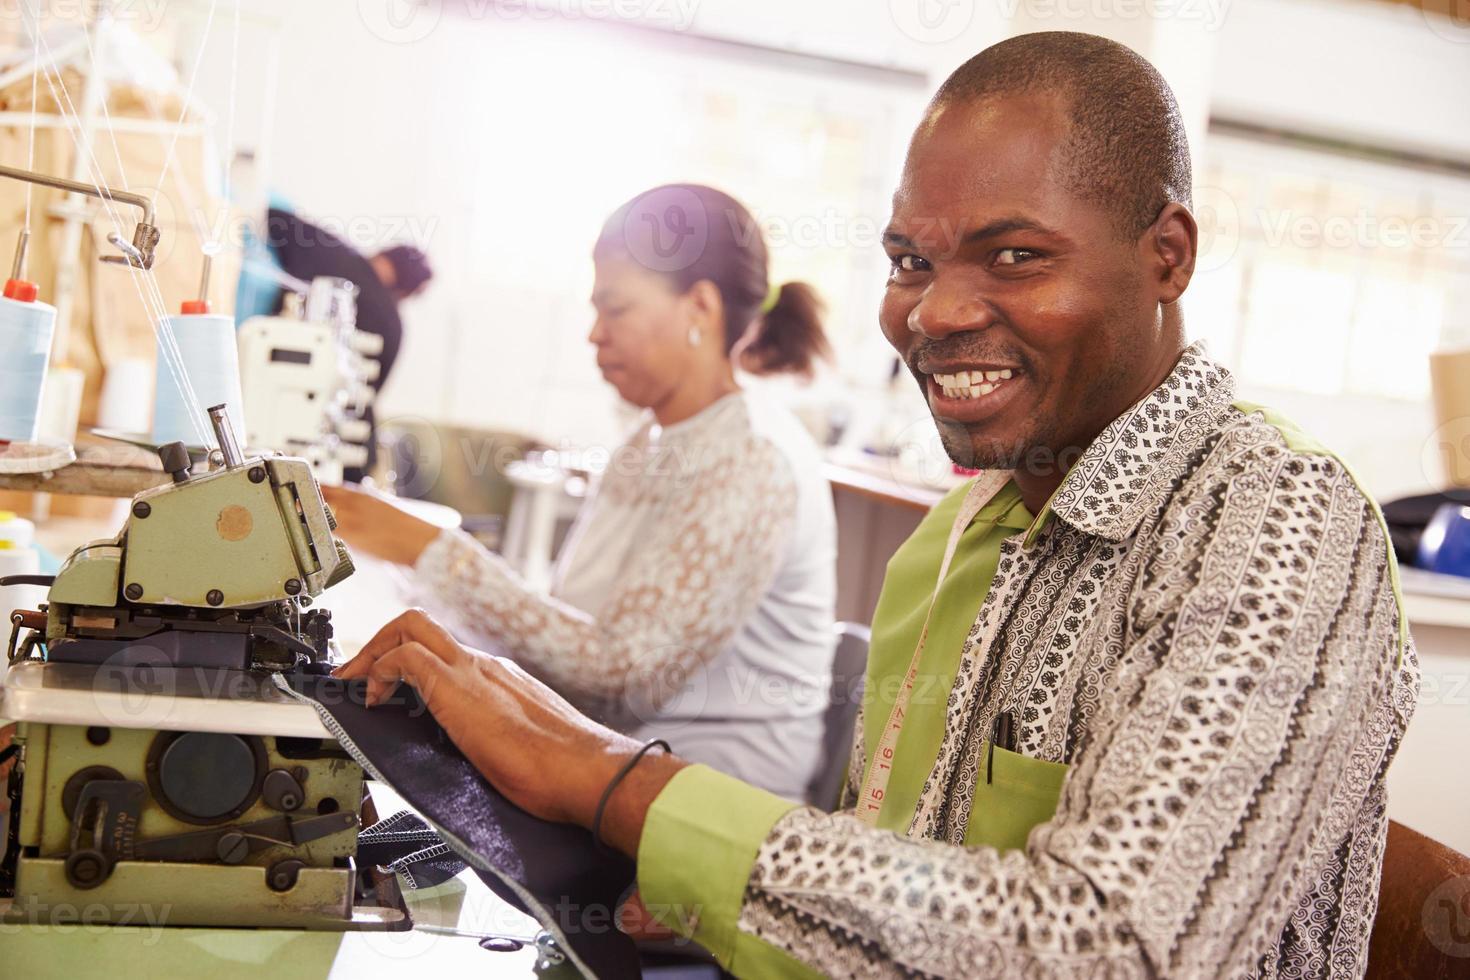 uomo sorridente che cuce in un'officina della comunità, Sudafrica foto